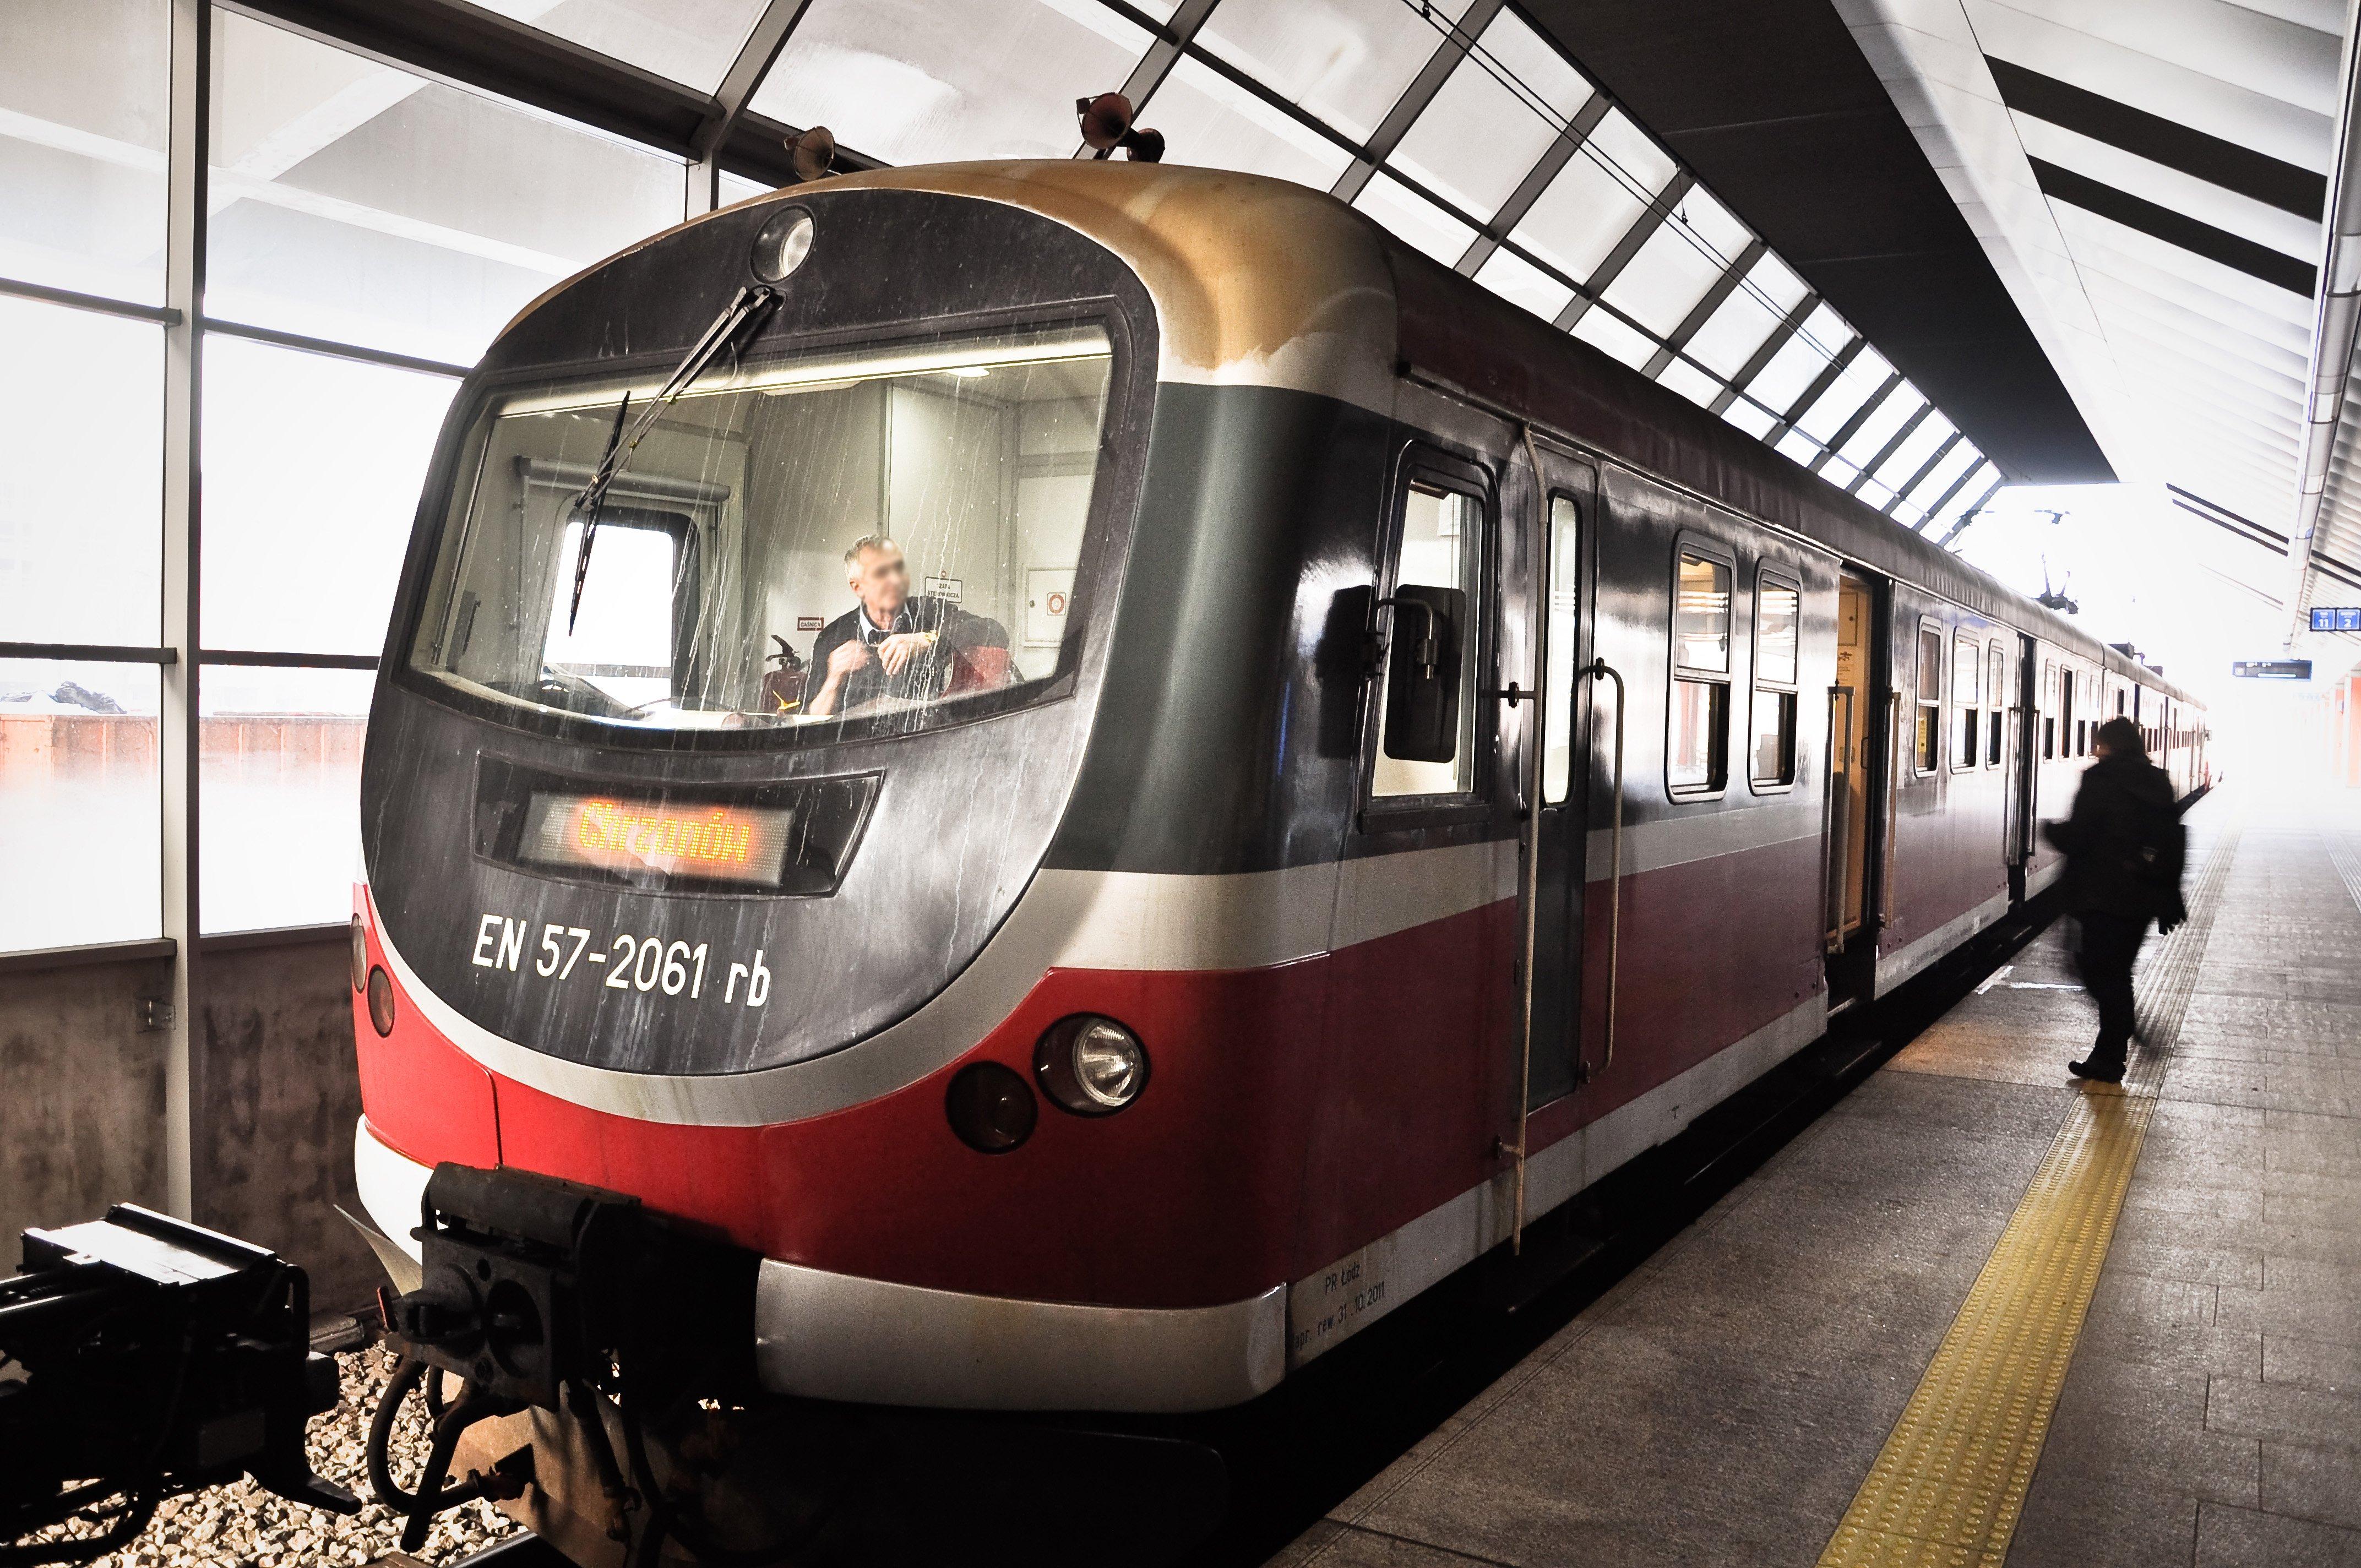 Train at kraków railway station (dworzec główny) photo